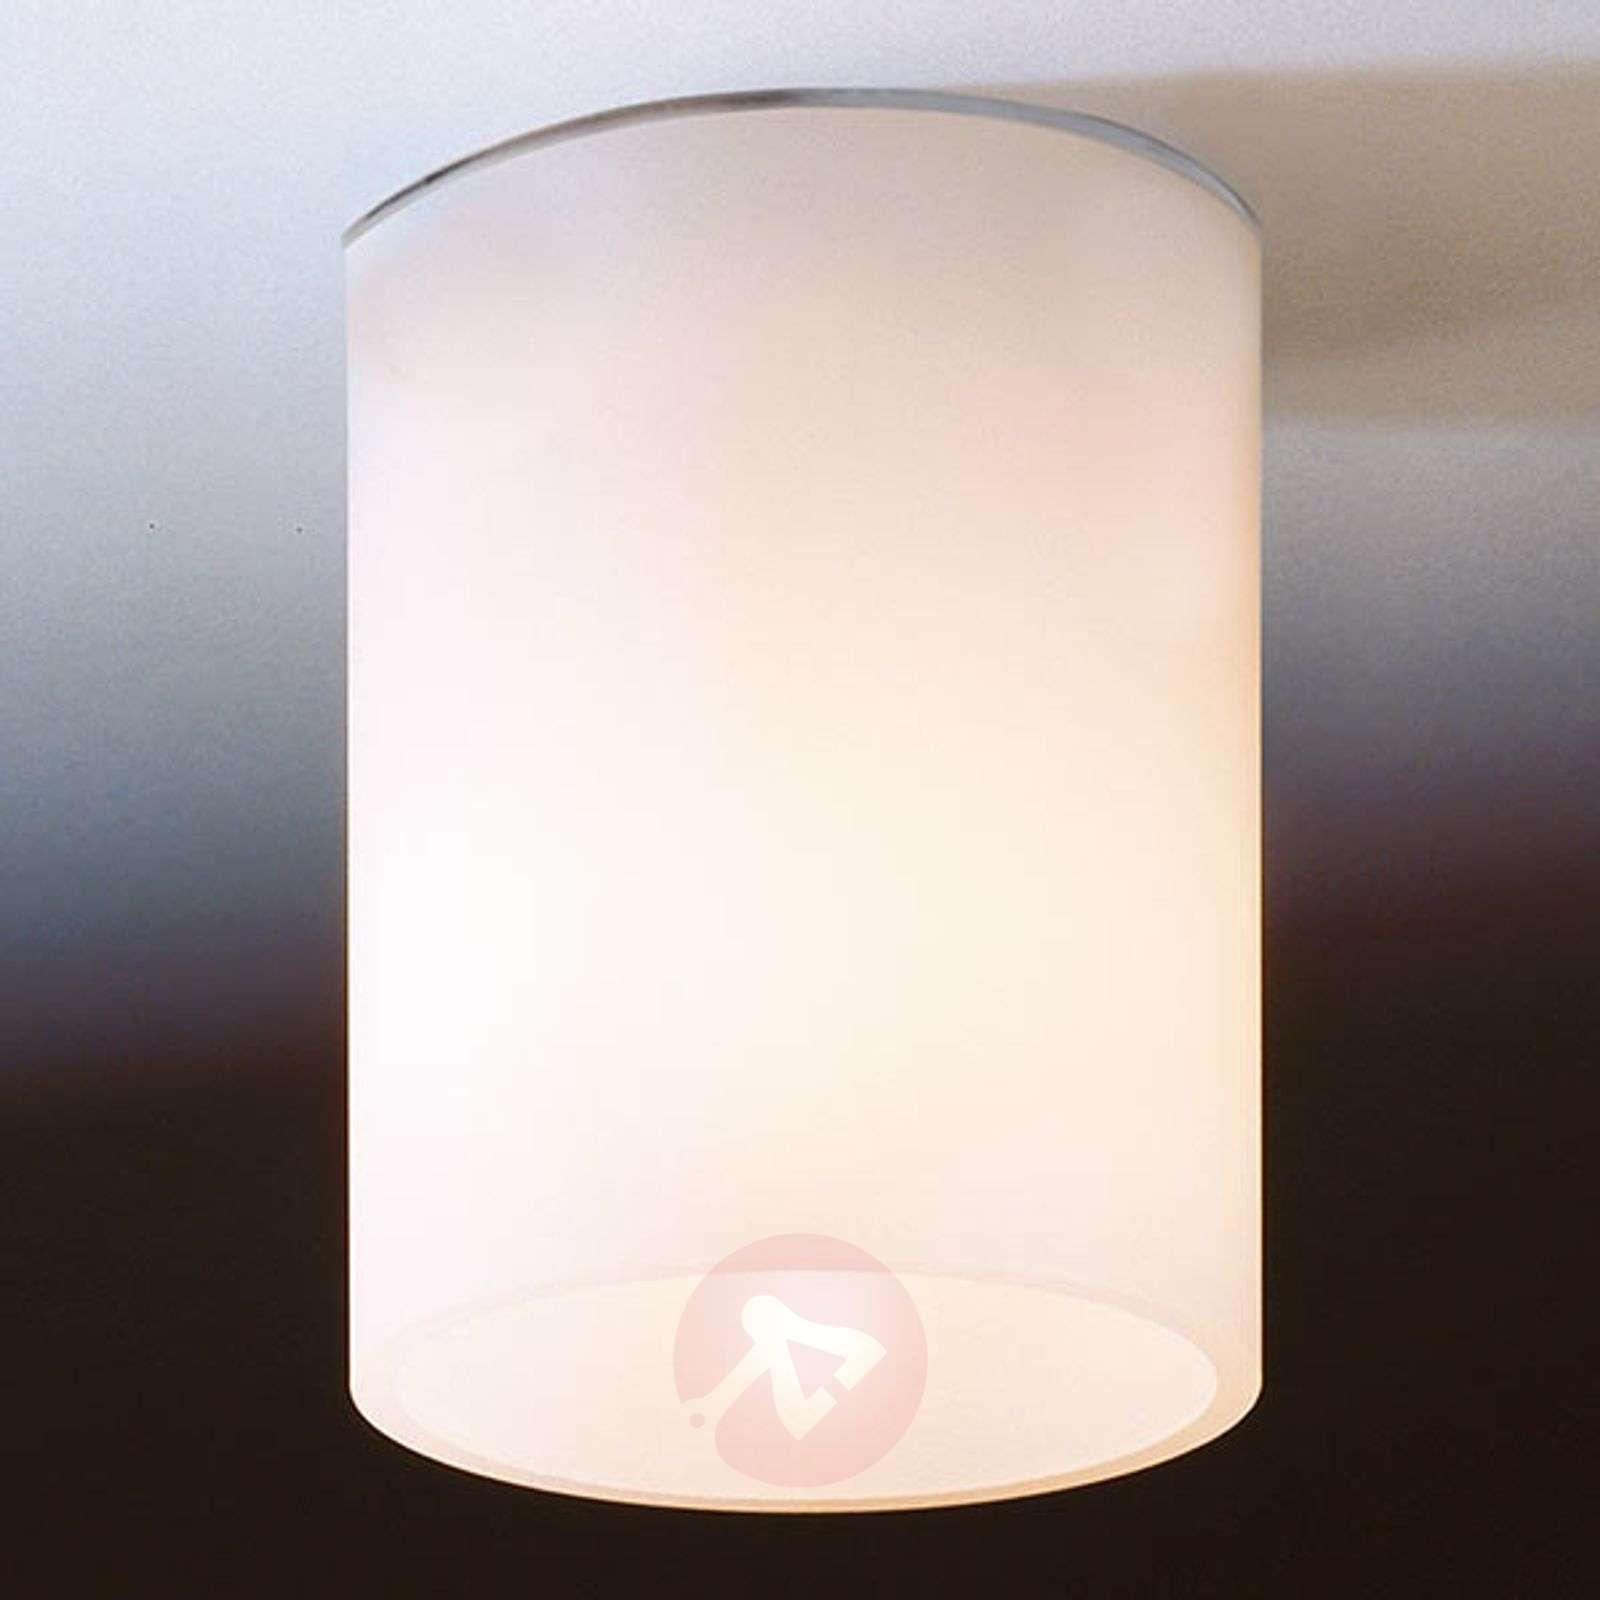 White ceiling light DELA SHORT made of glass-9020021-01